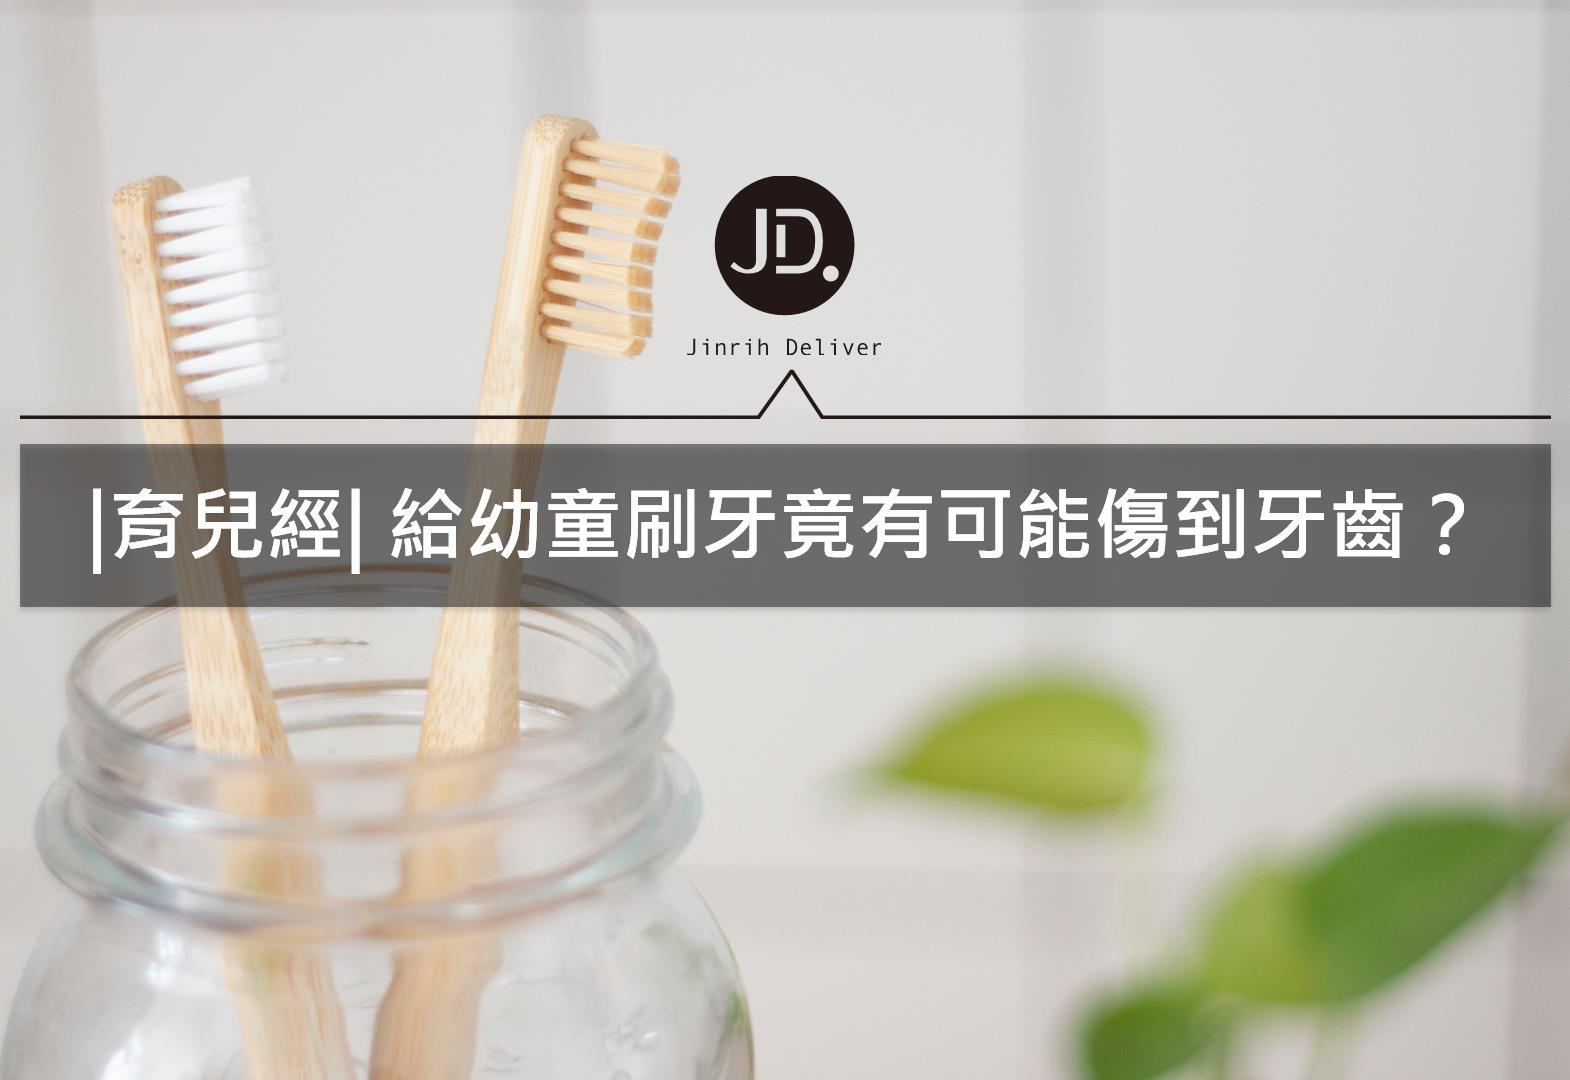 【育兒資訊】幫孩子刷牙可能沒保健到反而還造成牙齒受損?!